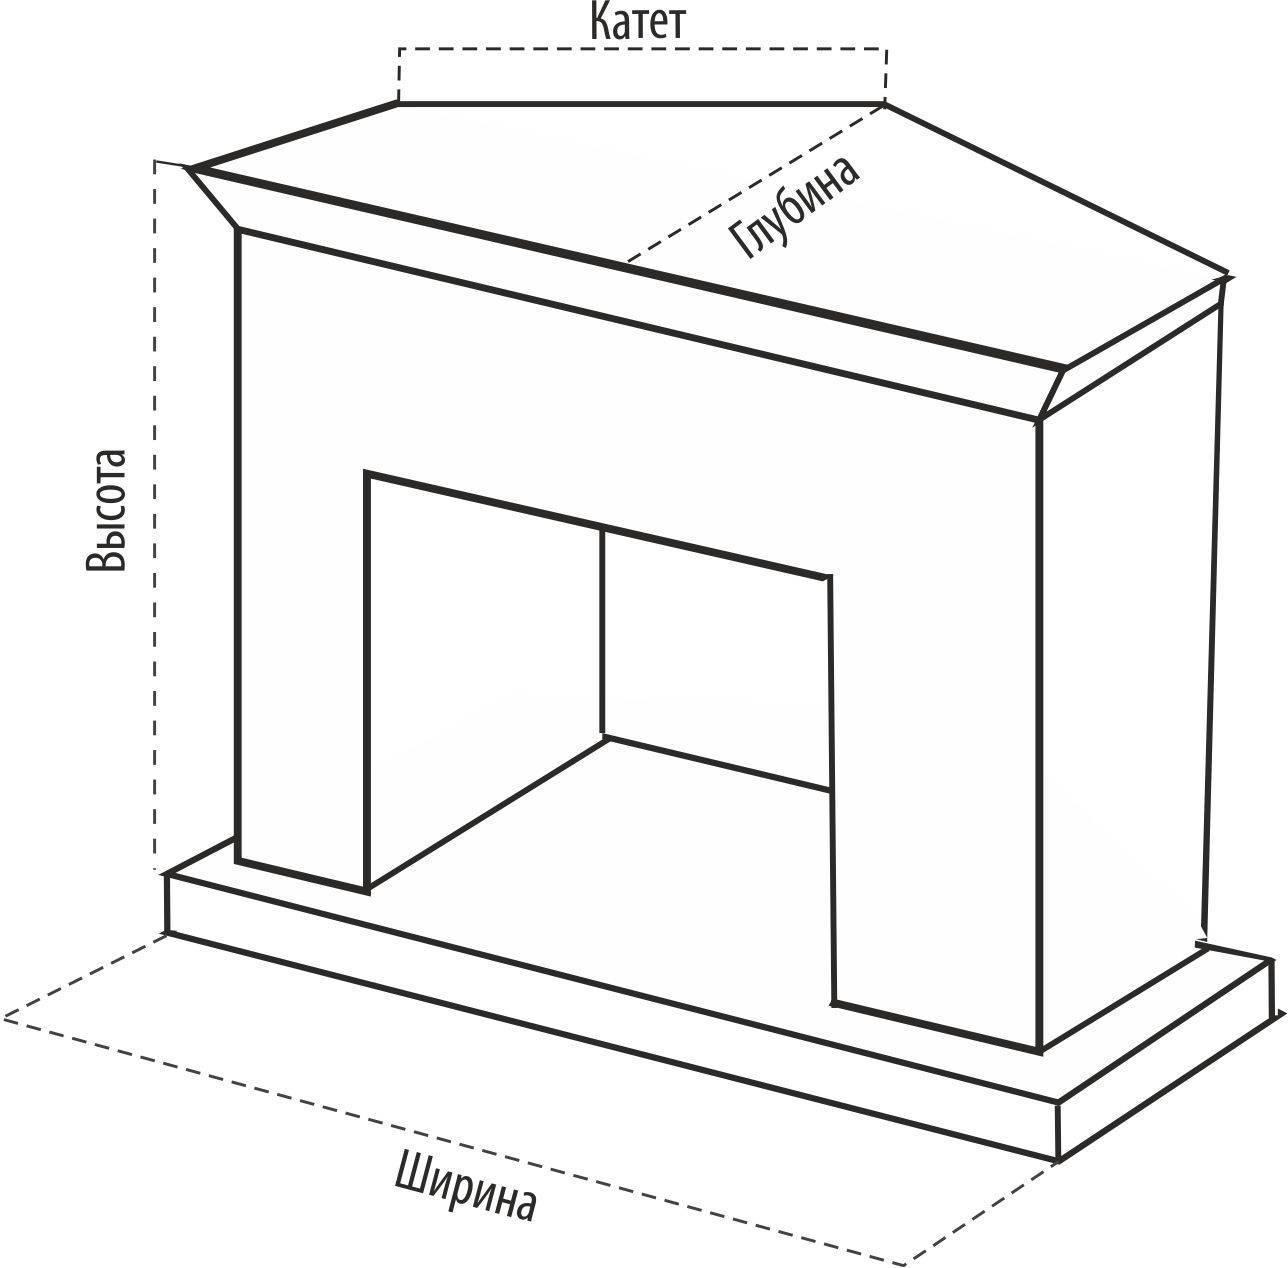 Фальш-камин из гипсокартона своими руками: чертежи, портал, декорирование